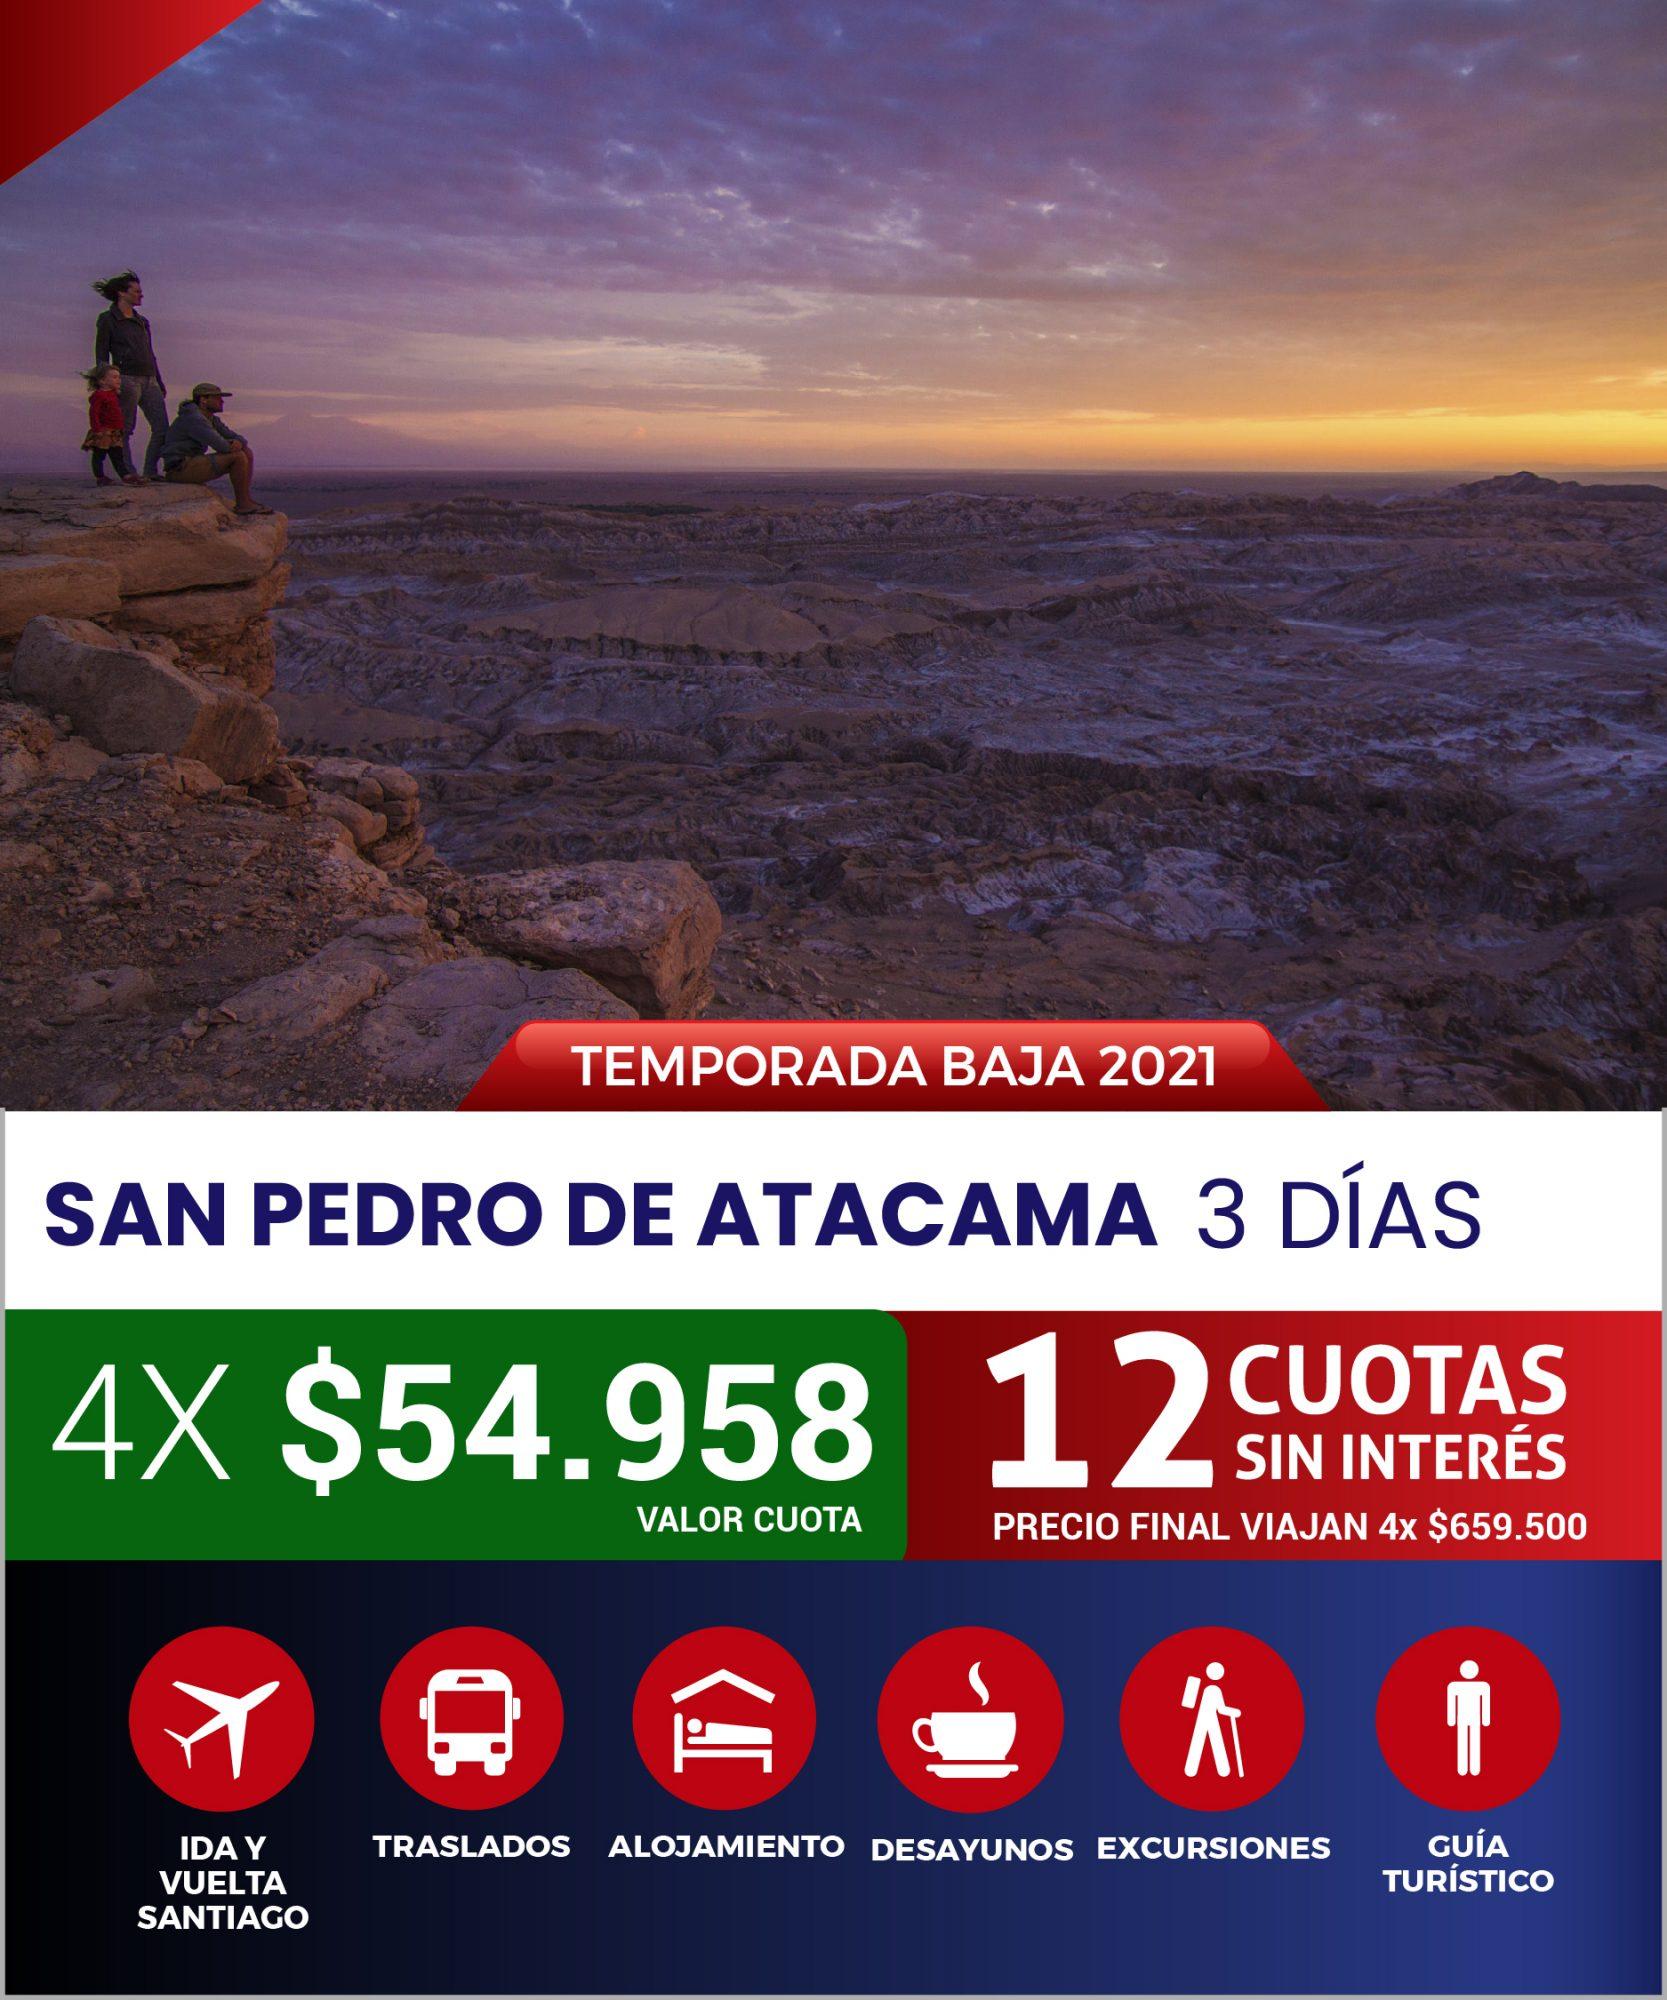 SAN PEDRO DE ATACAMA EXPRESS AÉREO